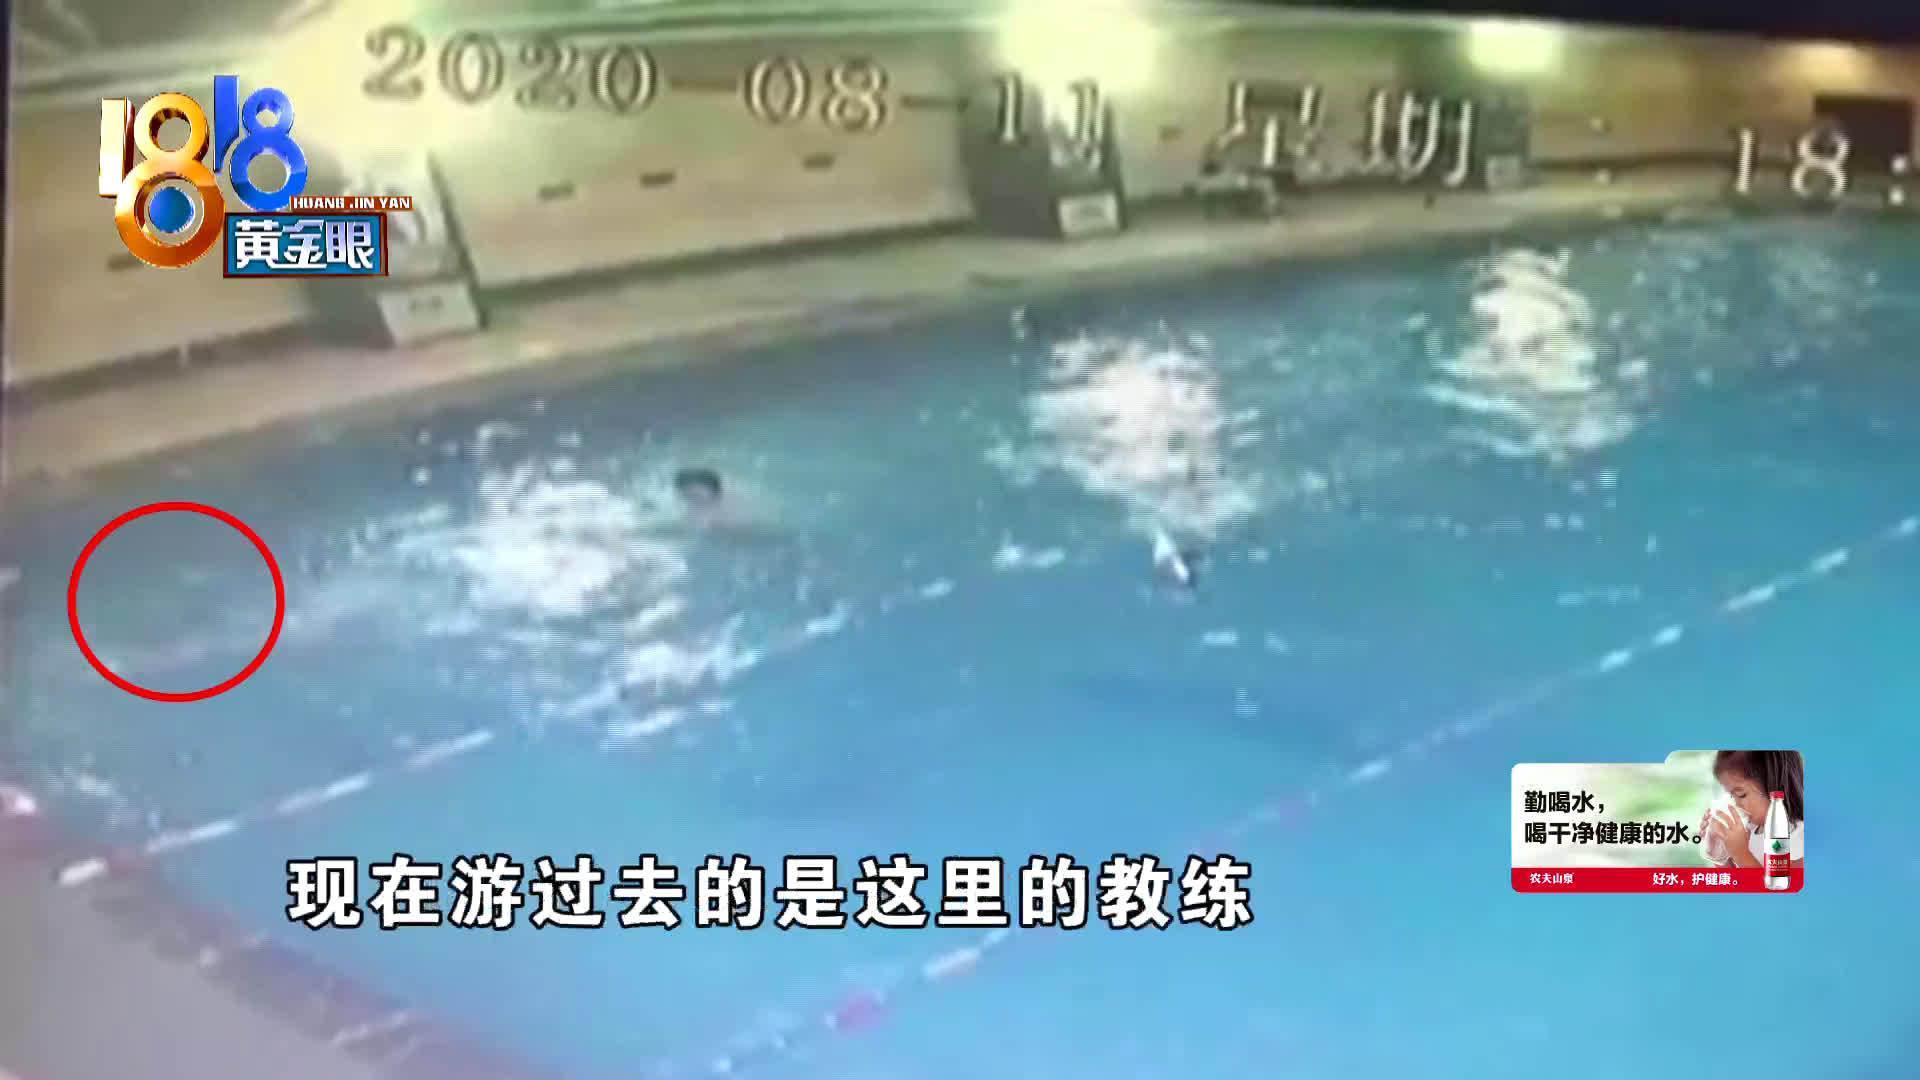 昨晚一男孩健身房溺水 今天事发监控被曝光